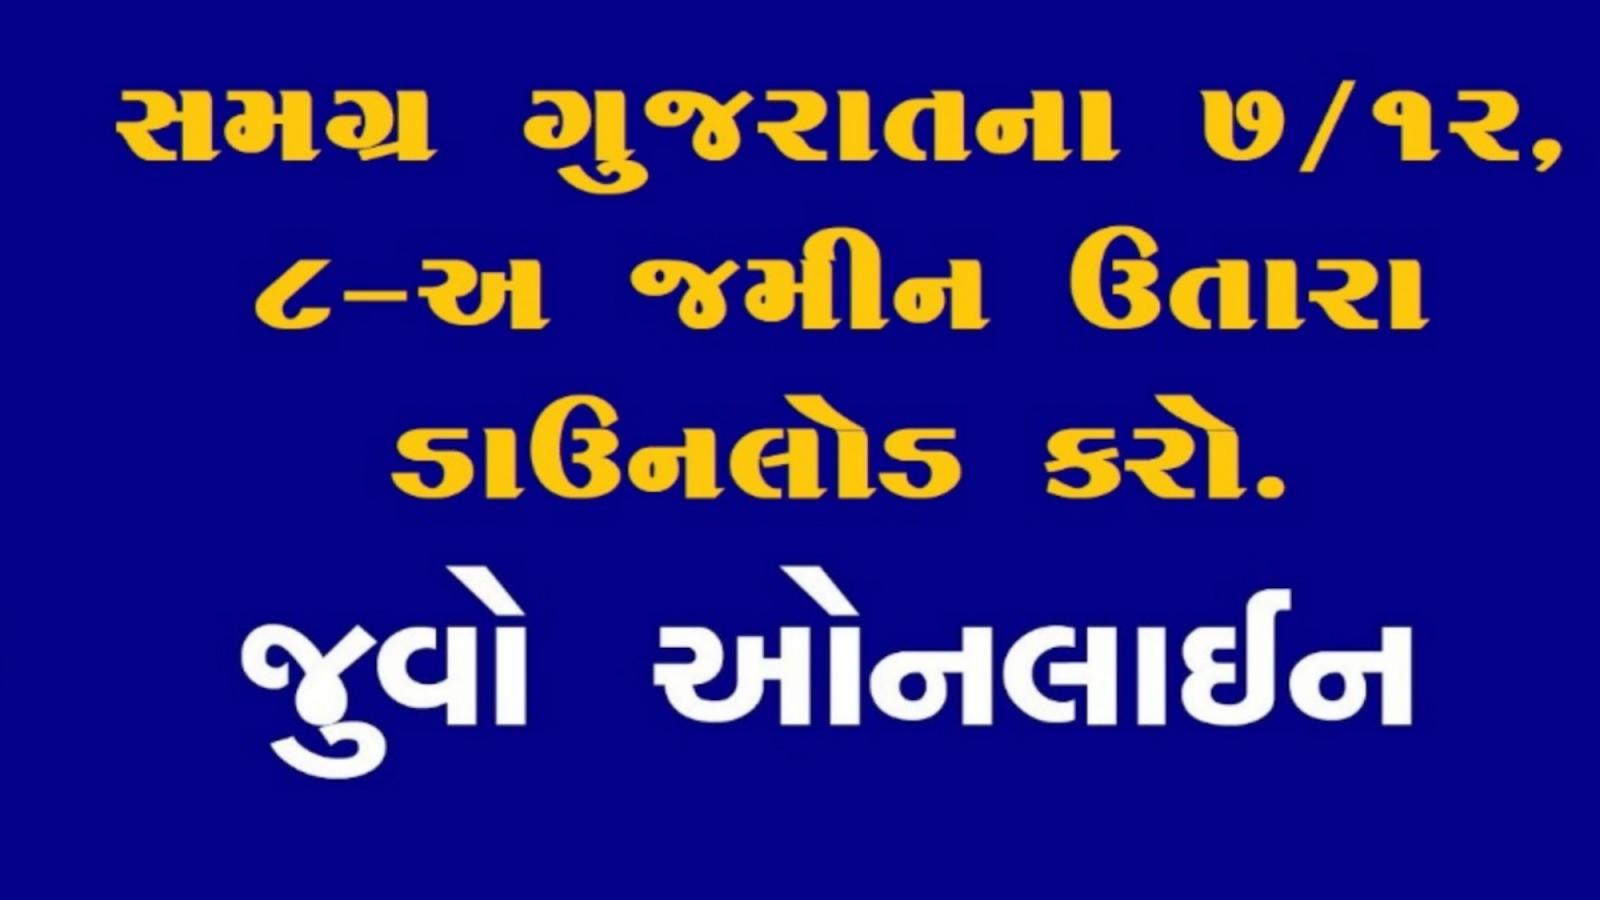 Any ROR Gujarat 7/12